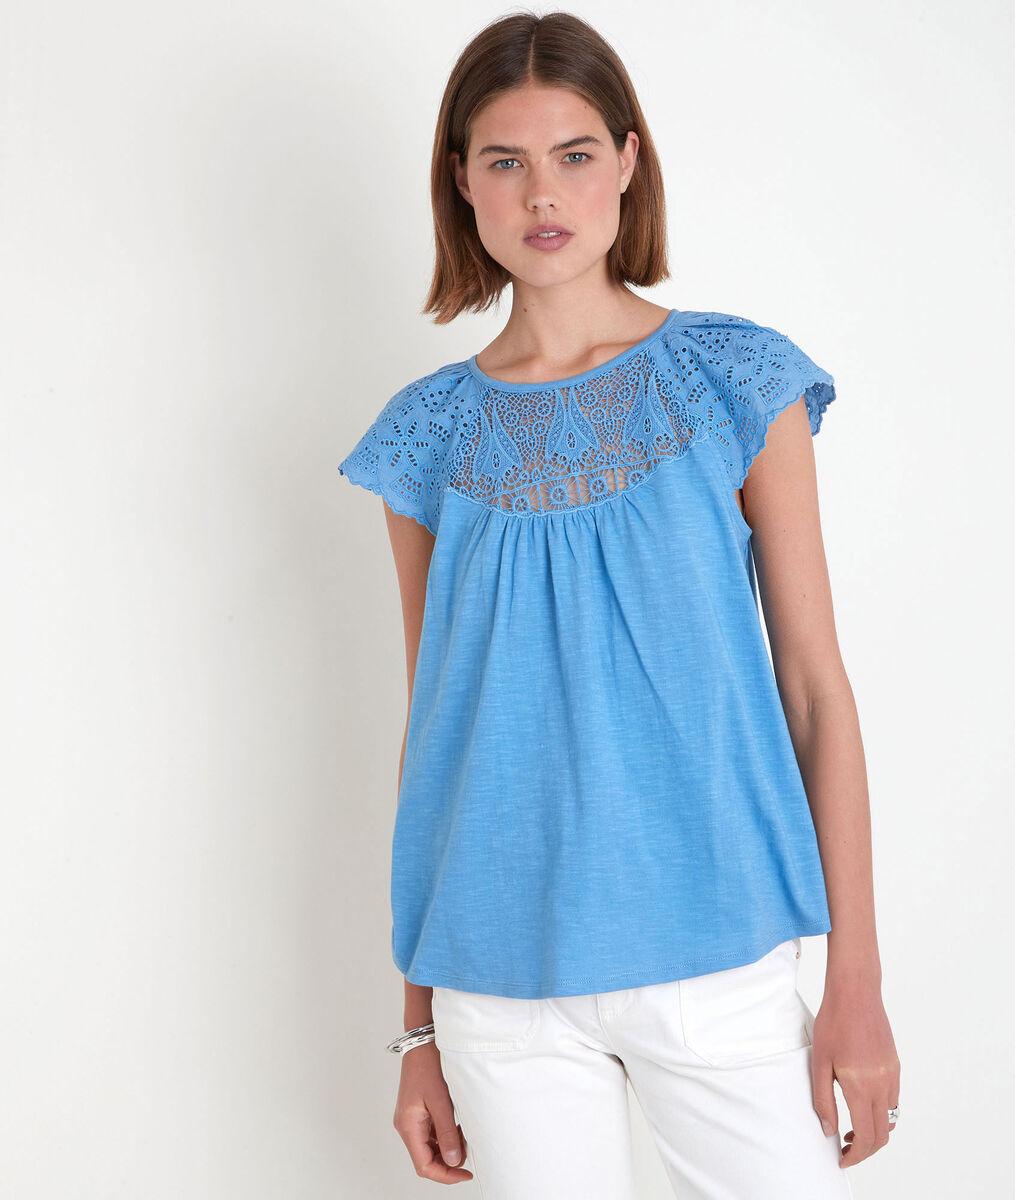 Tee-shirt en coton et dentelle bleu Ecume PhotoZ   1-2-3